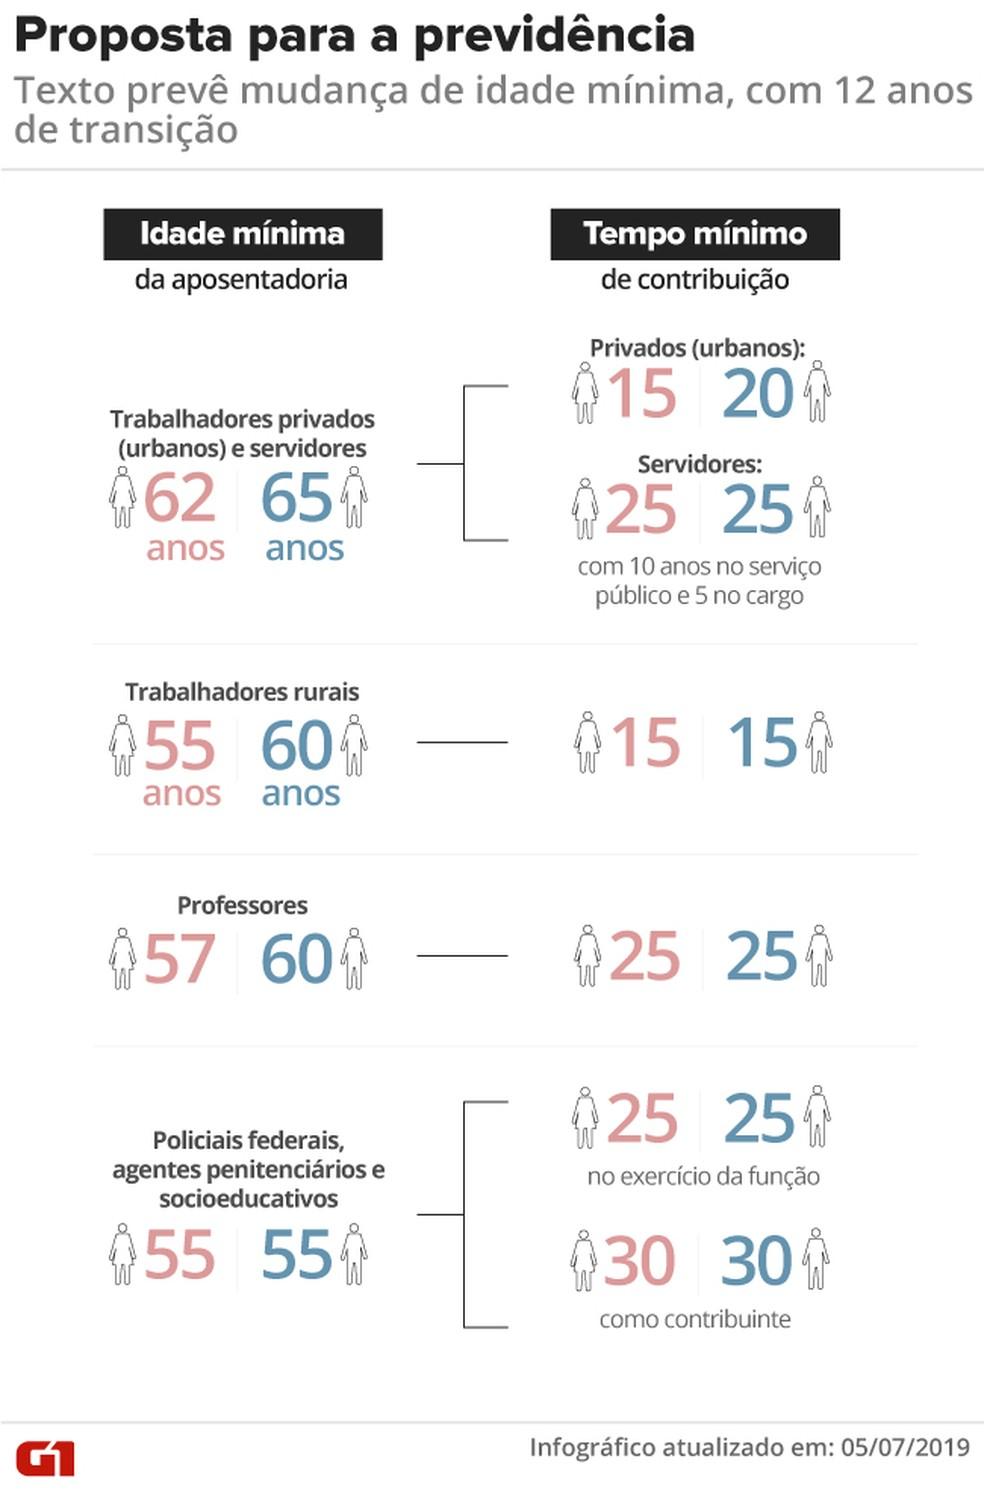 Idade mínima e tempo de contribuição previstos no parecer do relator da reforma da Previdência na Câmara — Foto: Arte/G1